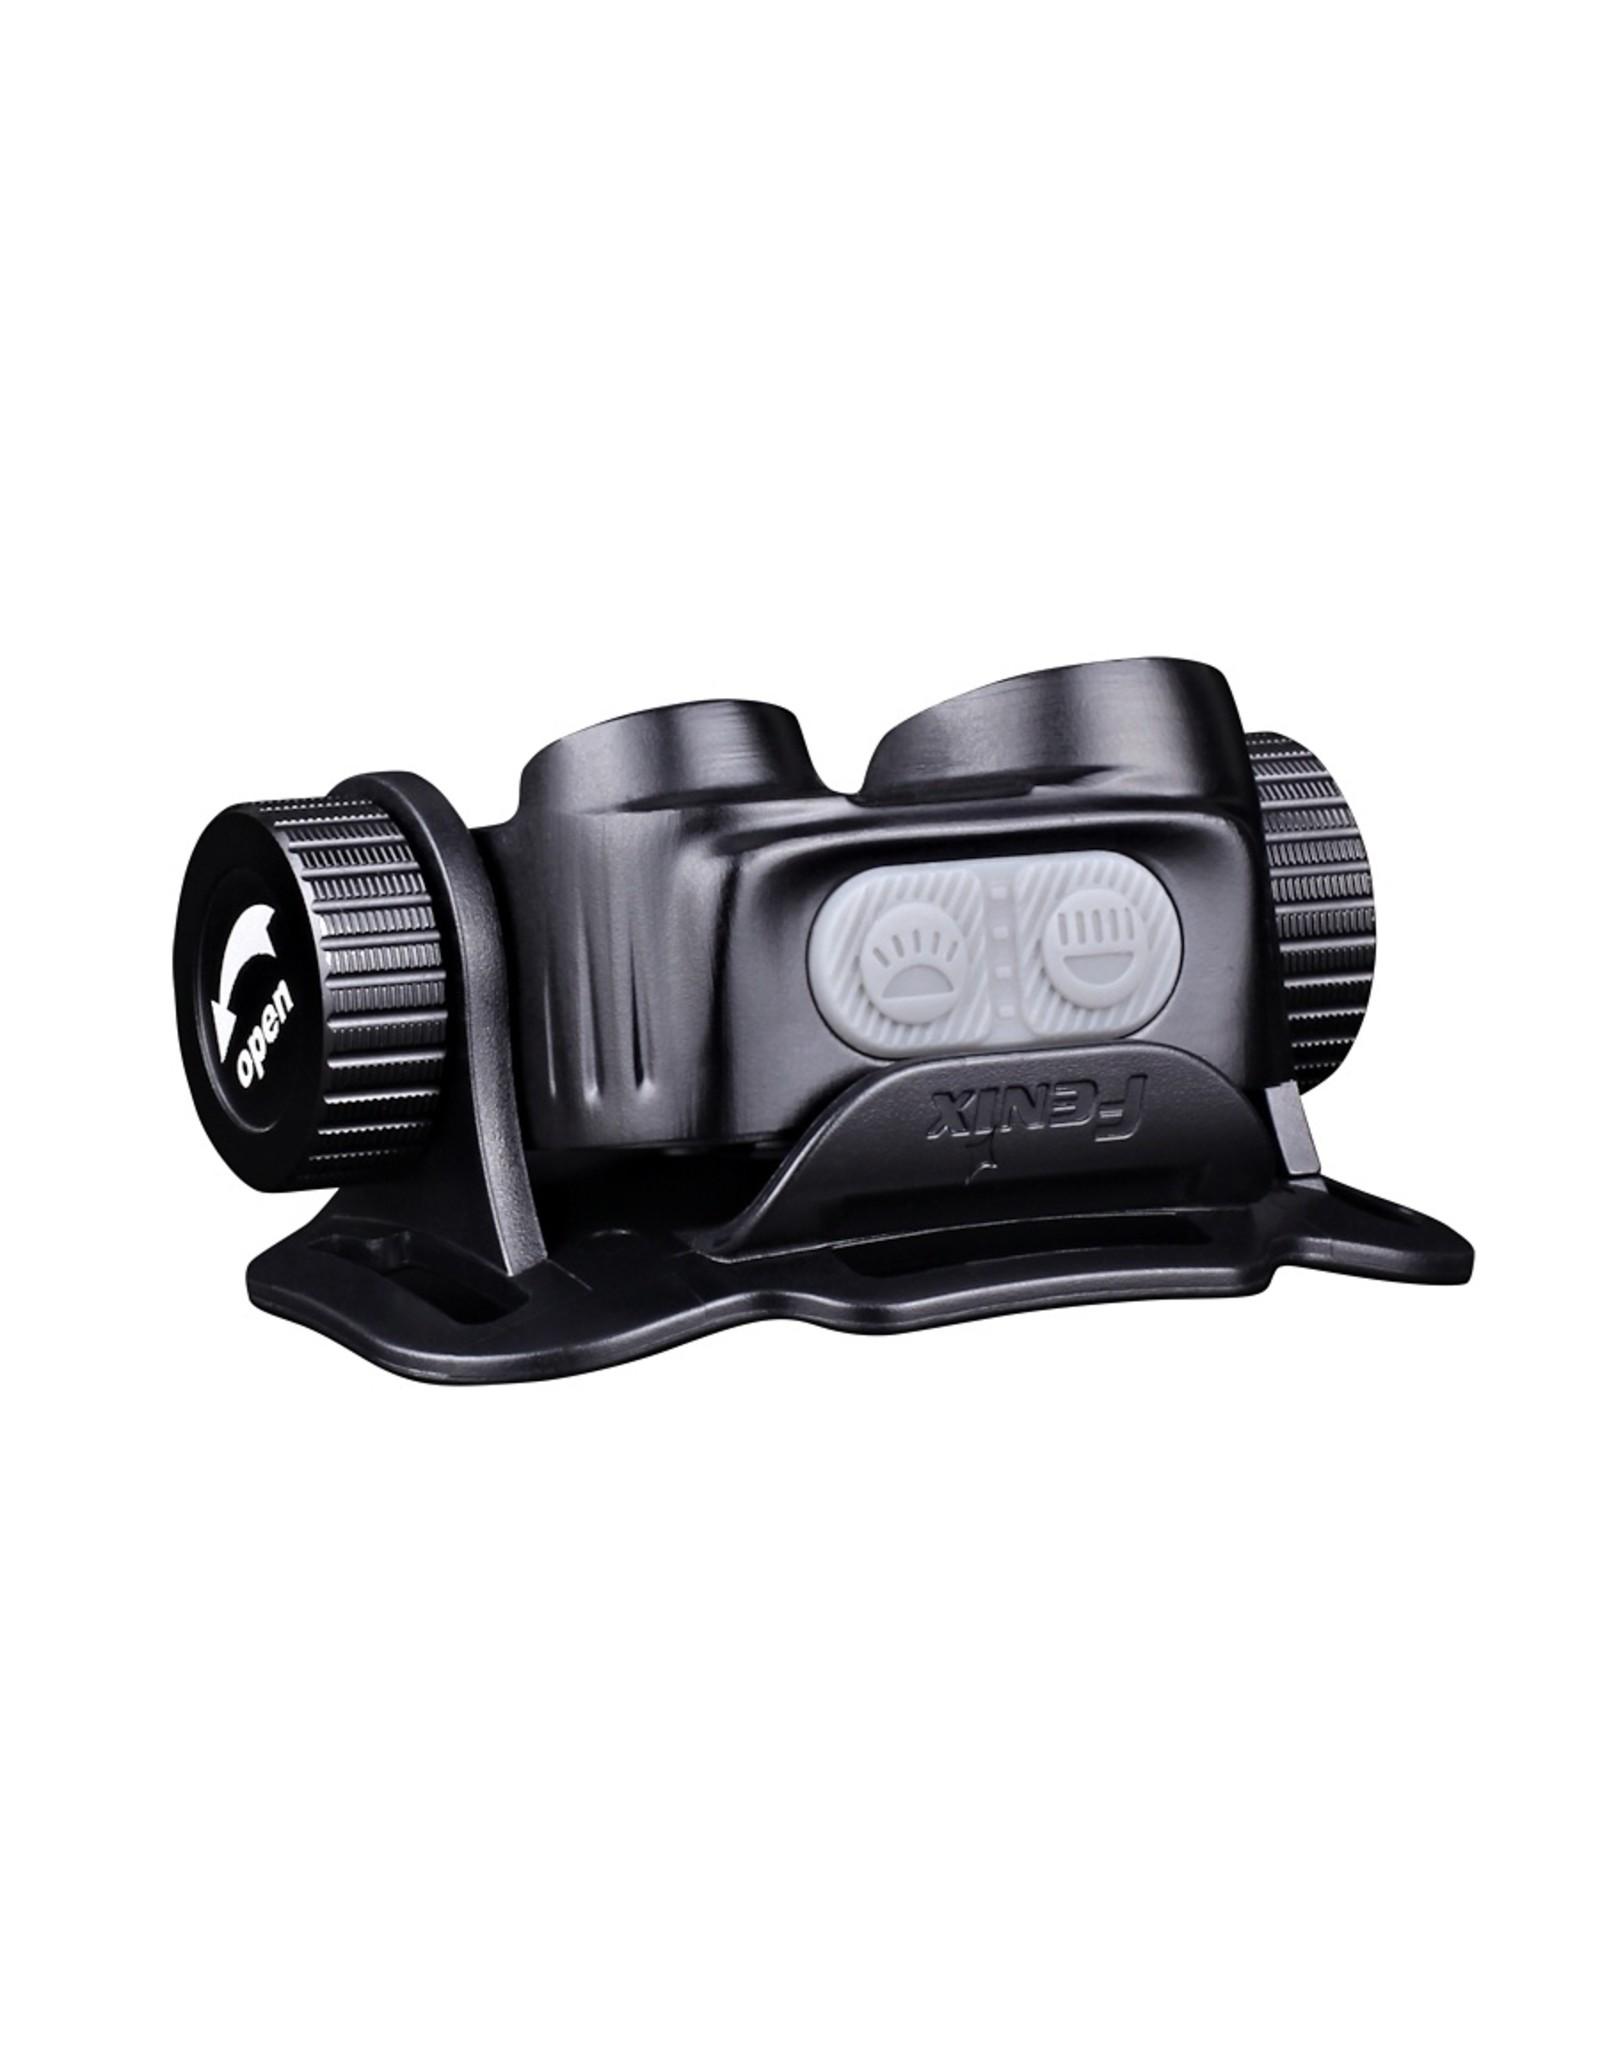 Fenix Fenix HM65R ShadowMaster